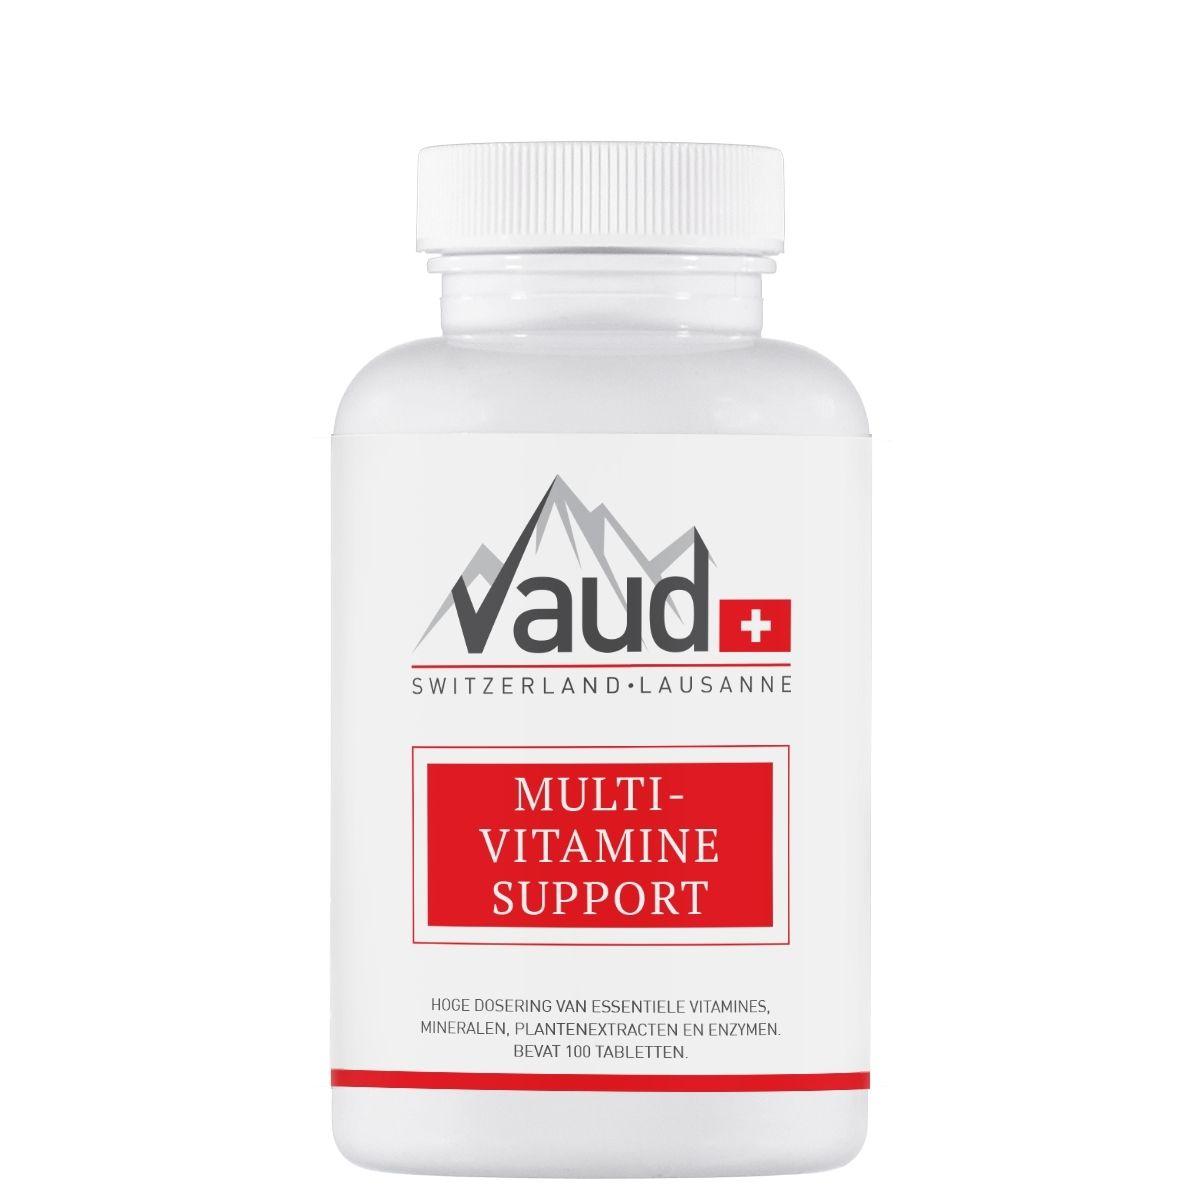 Multi Vitamine Support Vaud